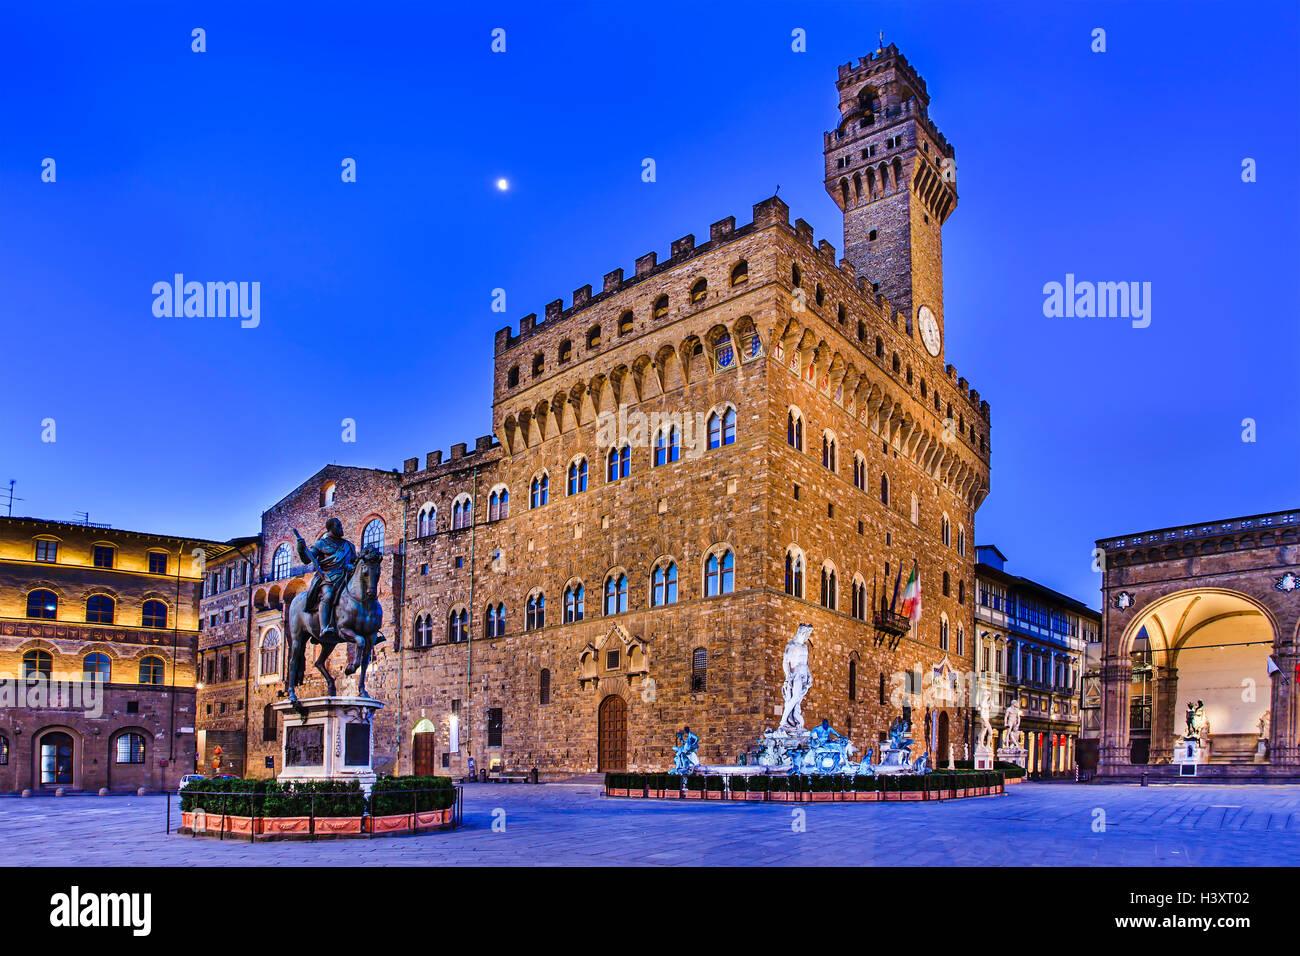 Palacio Vecchio de Florencia, la plaza y monumentos que rodean al amanecer cuando no hay turistas alrededor Imagen De Stock